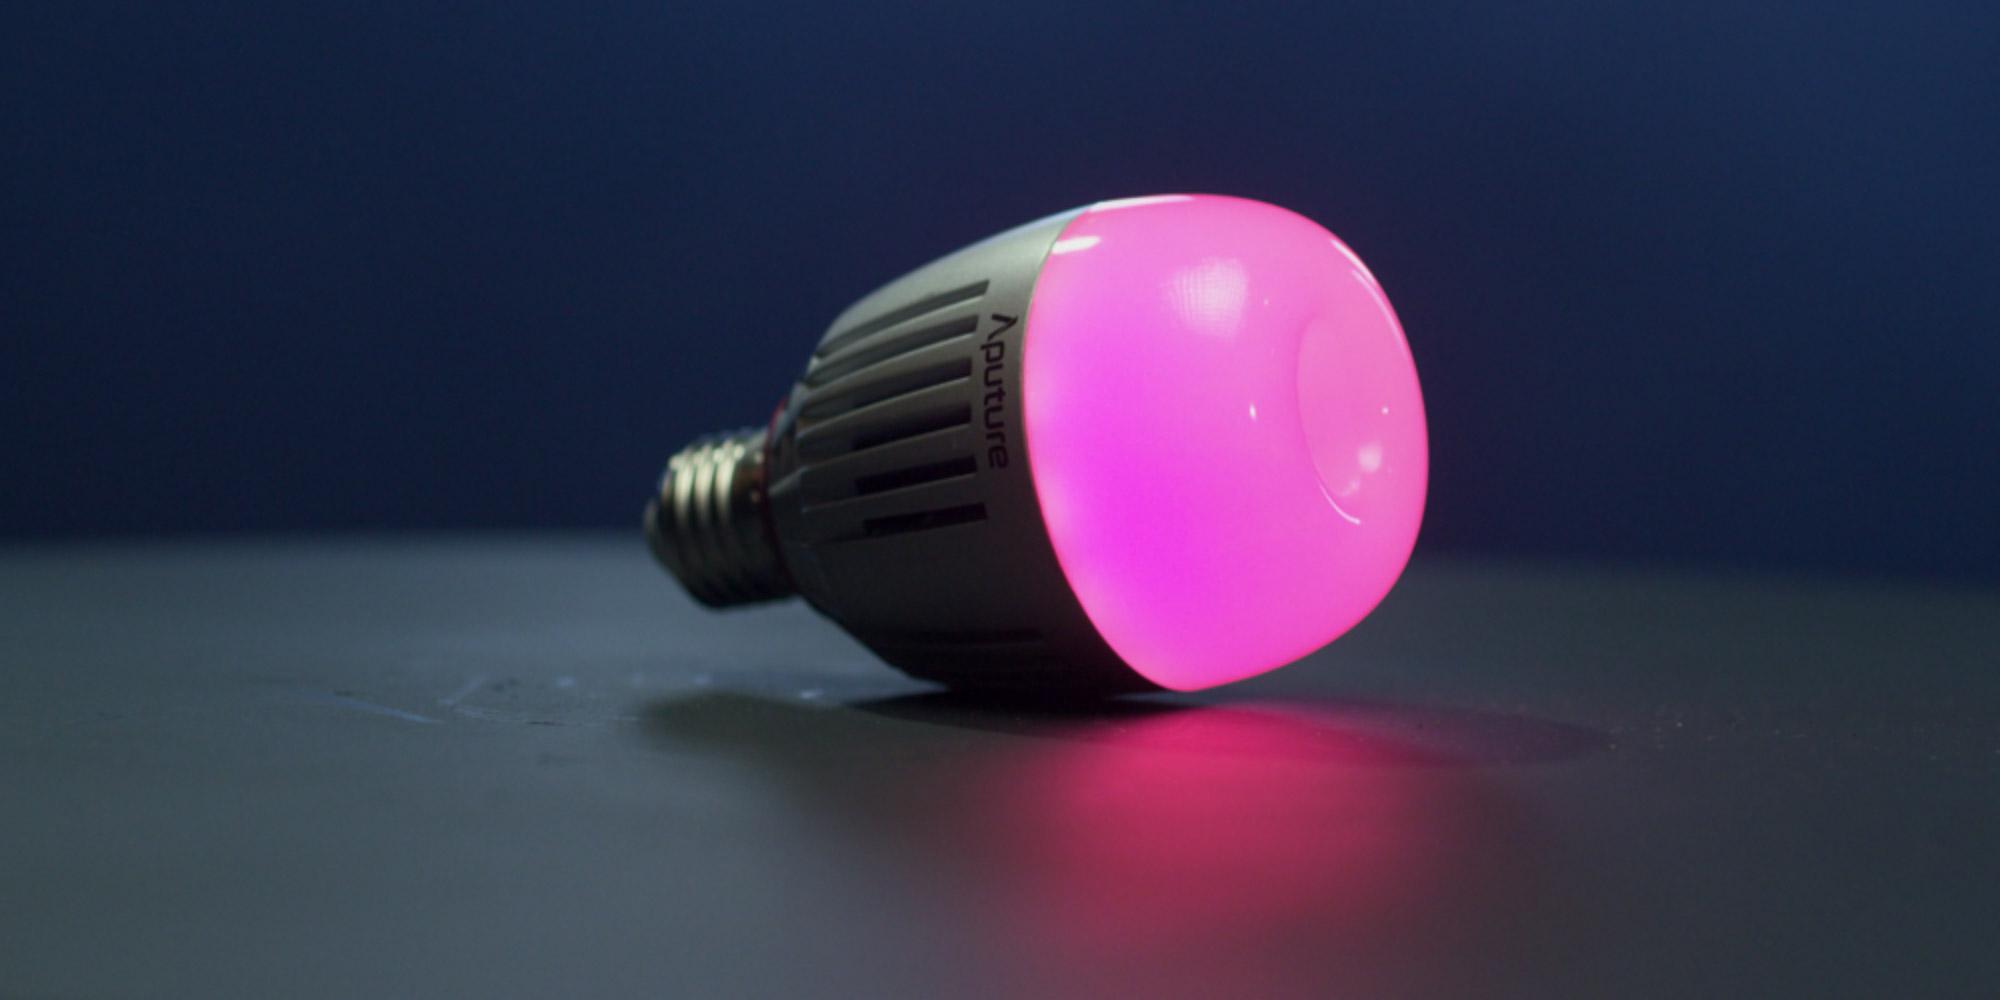 Żarówka LED Aputure Accent B7c świecąca na różowo